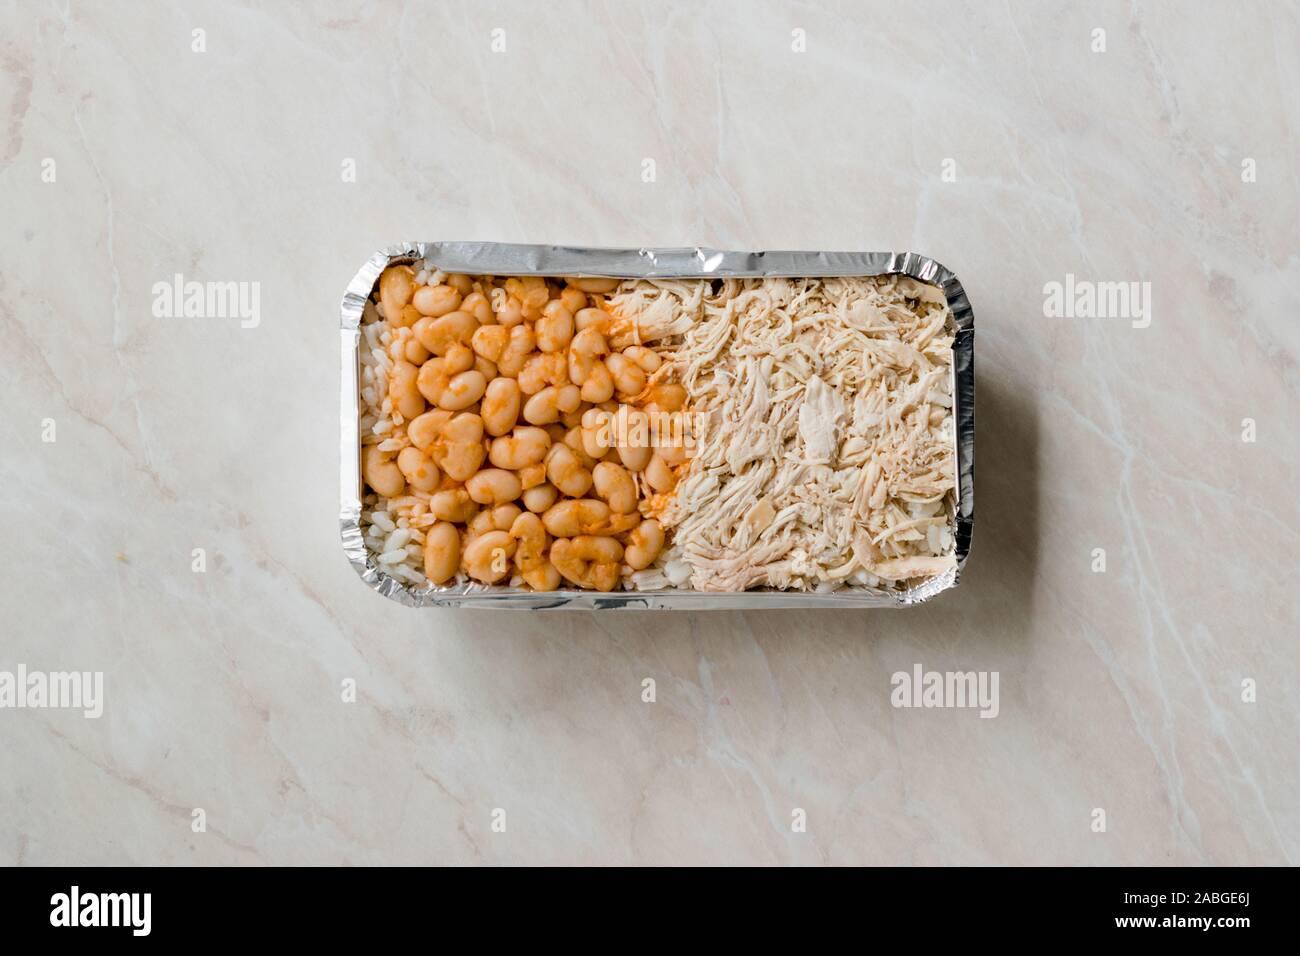 Llevar comida rápida turca de pollo, arroz y frijoles al horno / Tavuk Pilav Pilaf o en una caja de plástico / paquete contenedor. Plato tradicional. Foto de stock